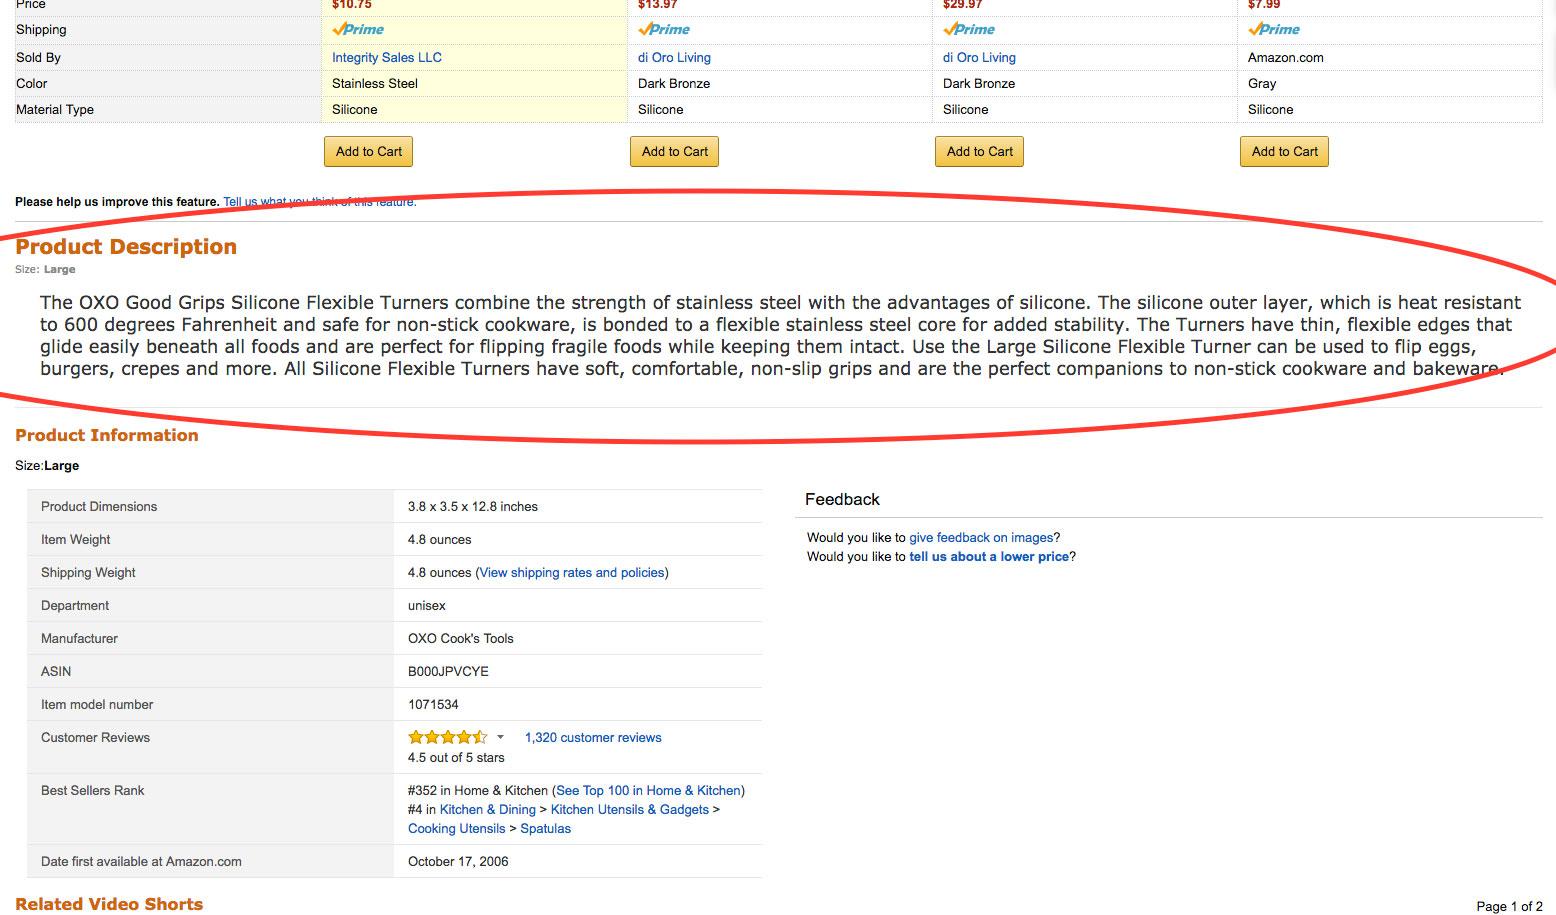 Optimizing Product Listing Amazon